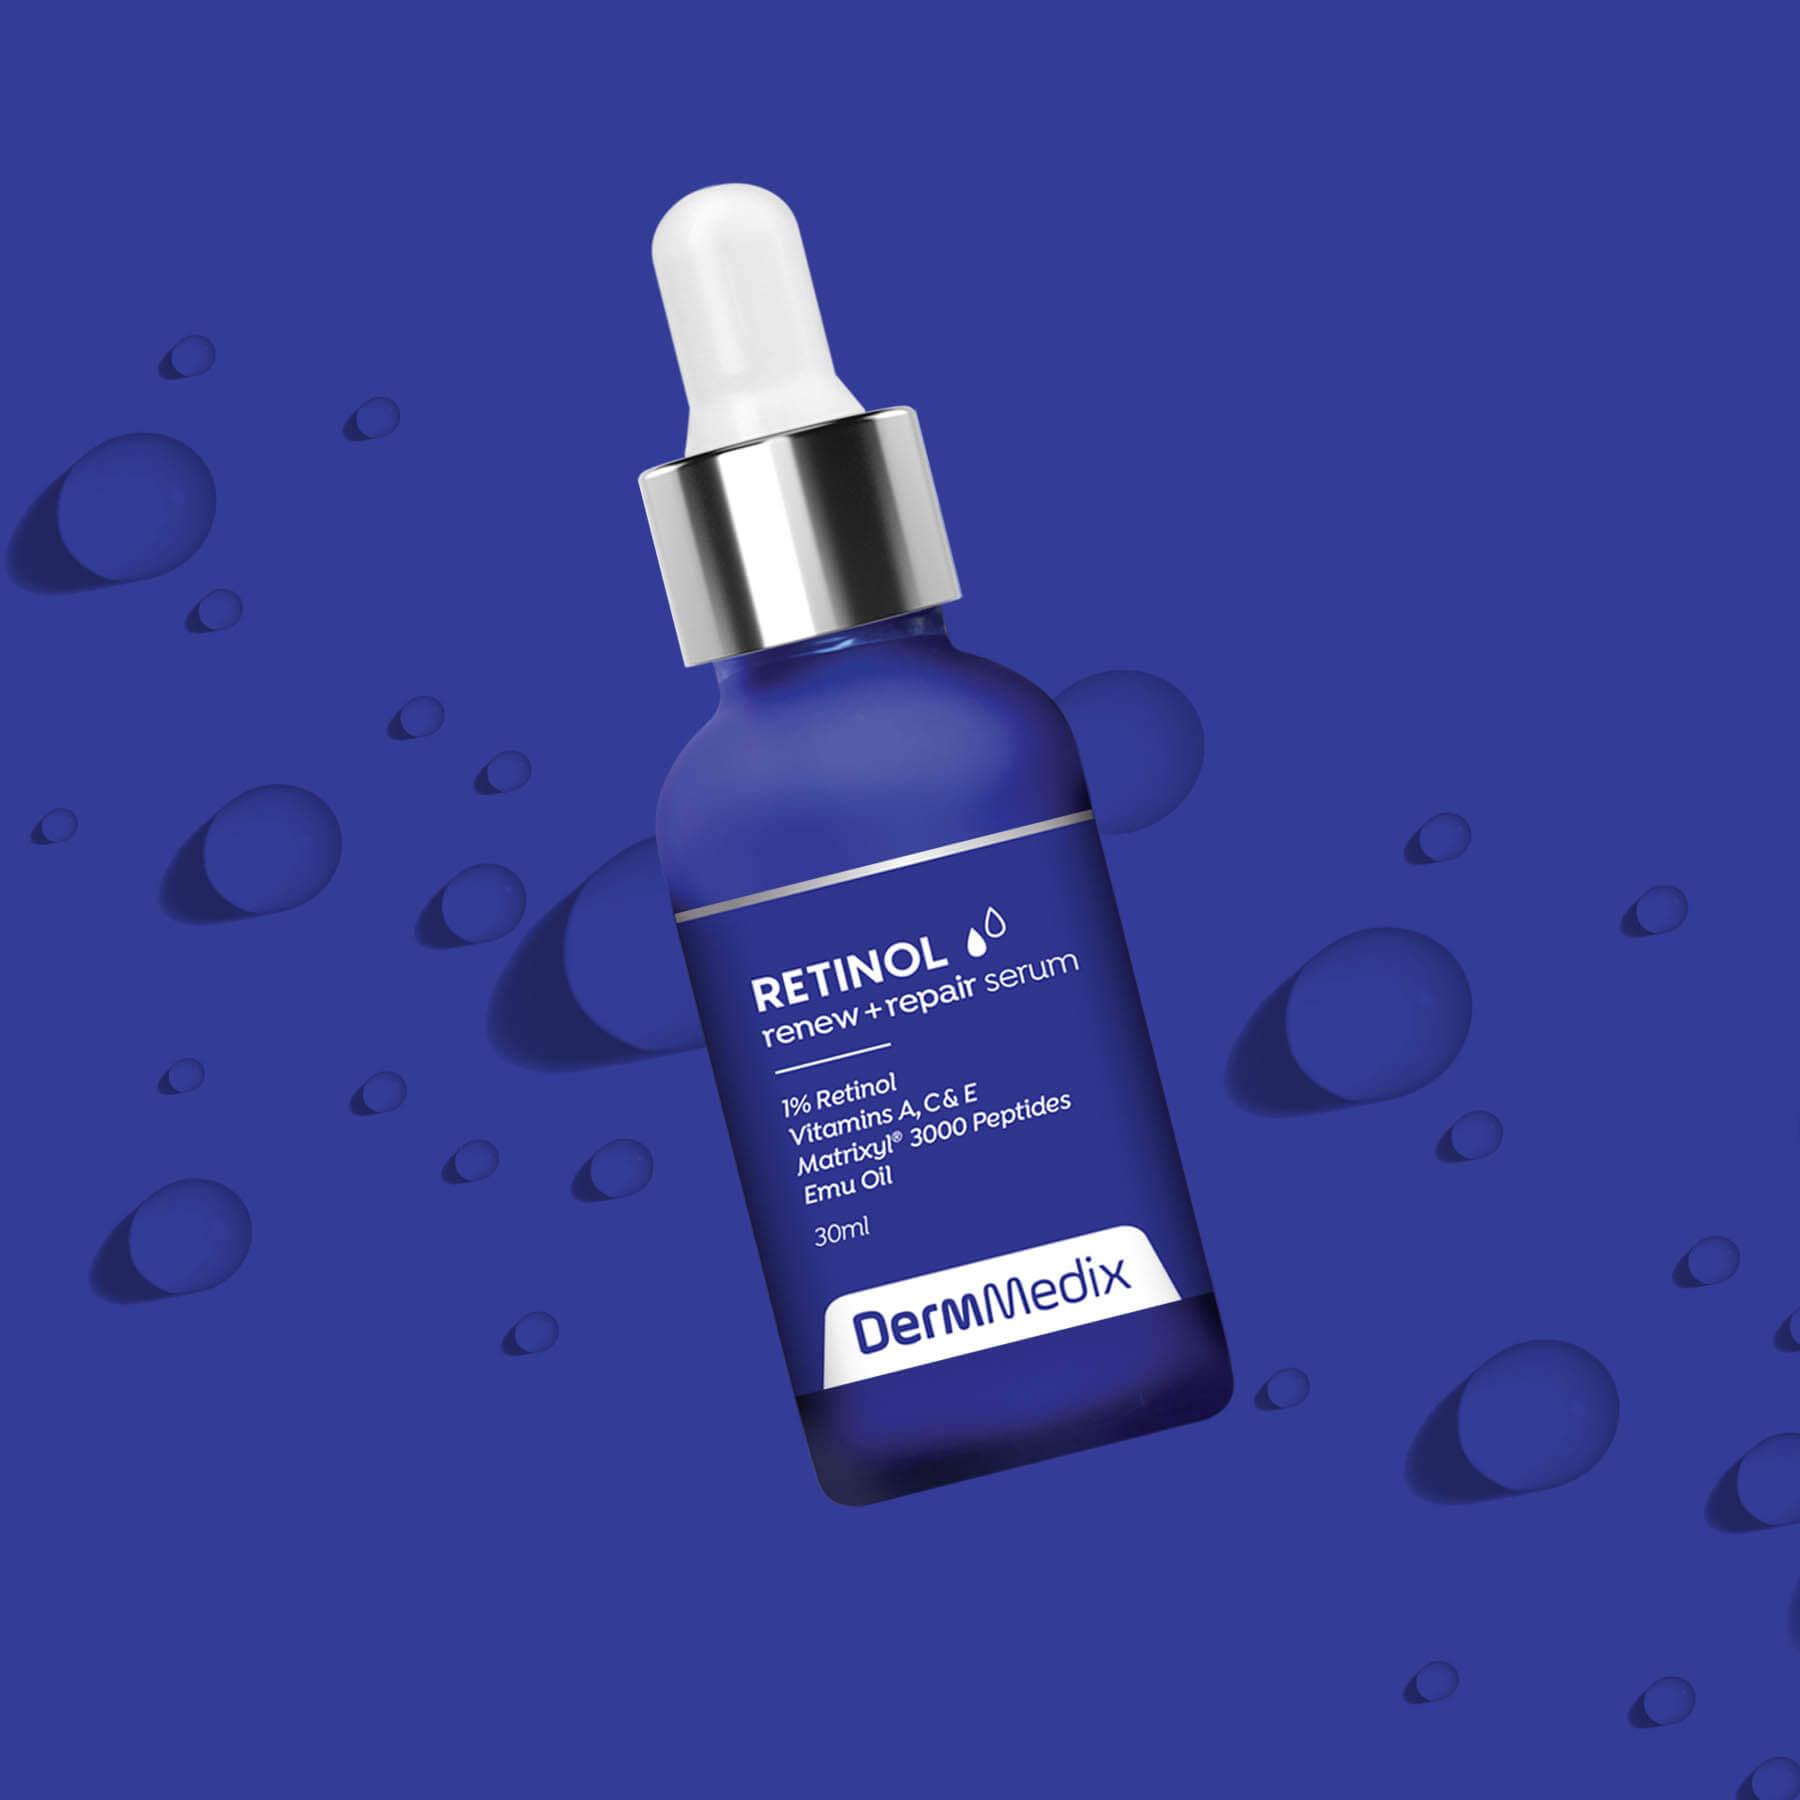 DermMedix Retinol Serum Package Design